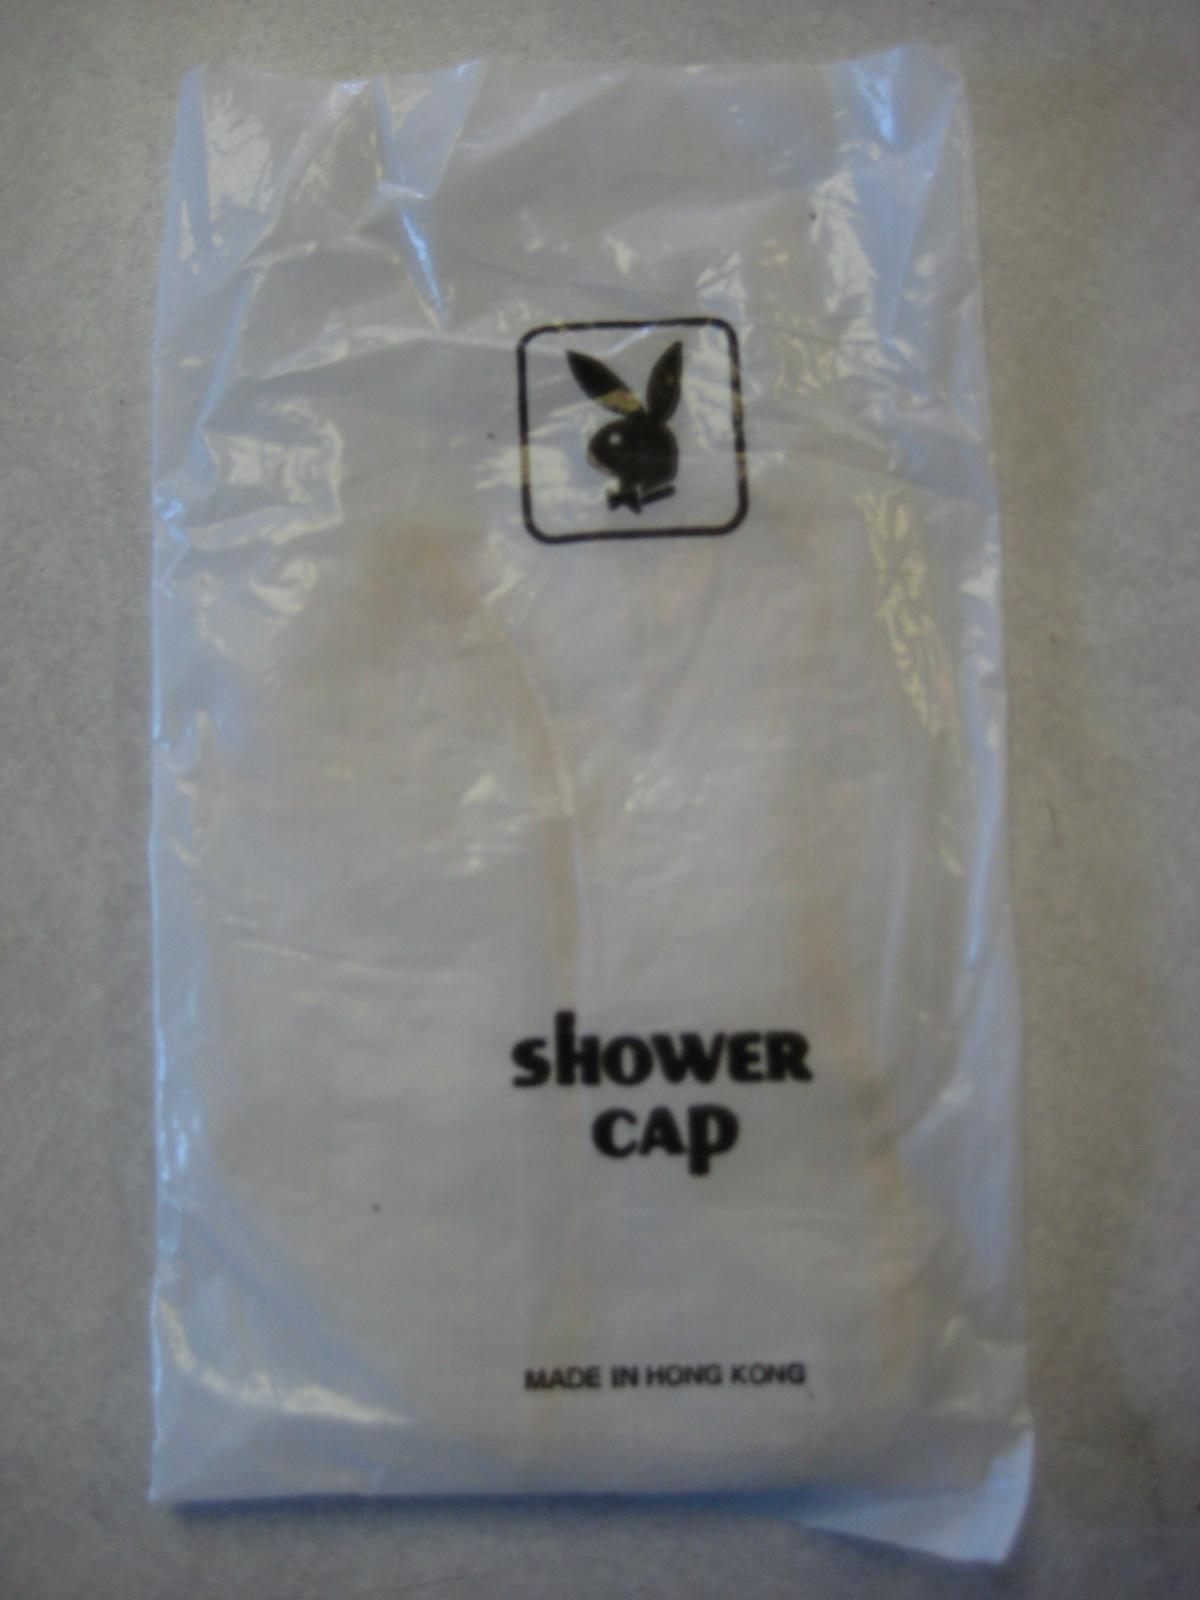 Playboy Club Hotel Shower Cap